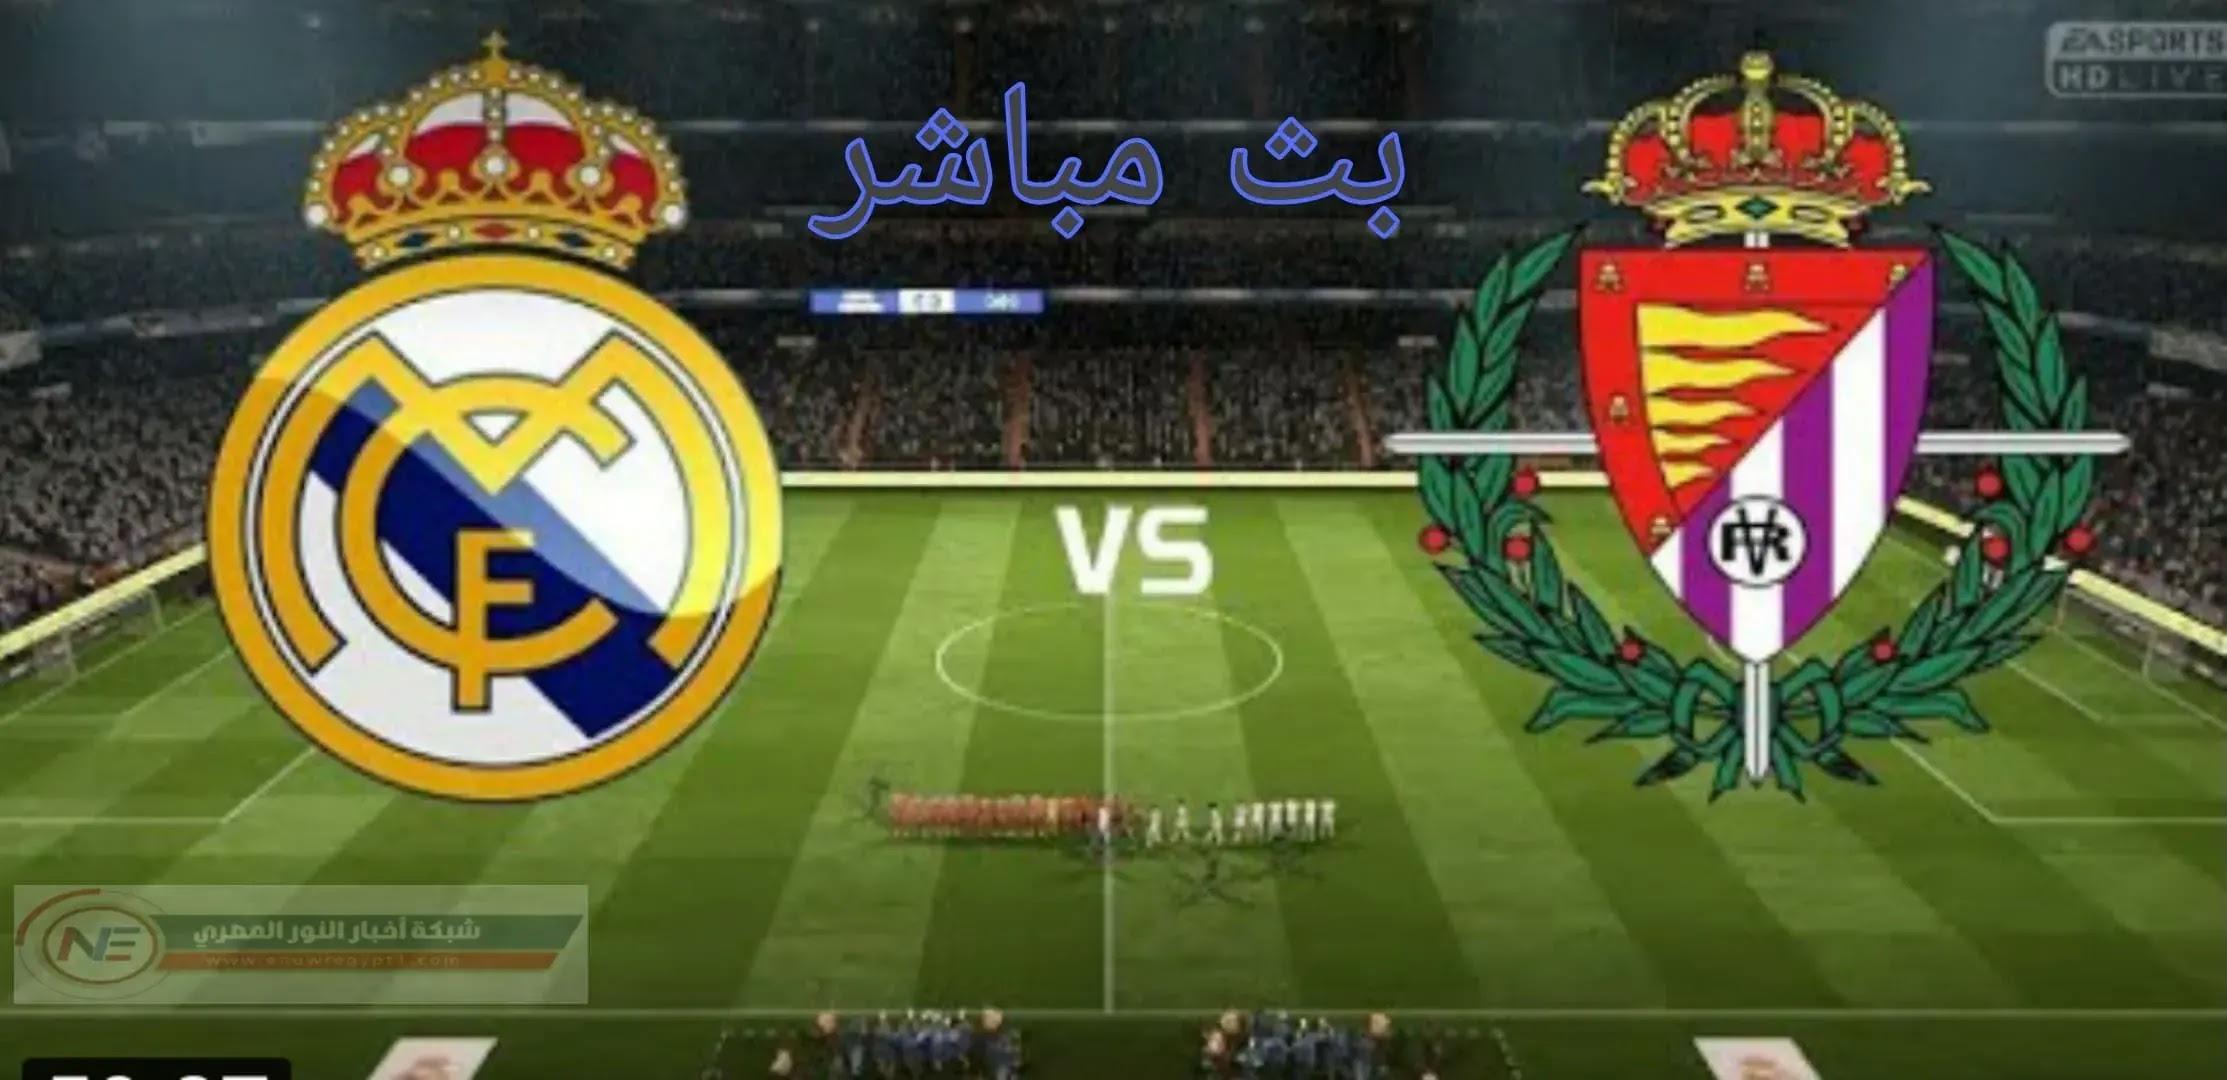 مشاهدة مباراة ريال مدريد و بلد الوليد بث مباشر اليوم السبت 20-02-2021 في الدورى الاسباني بجودة عالية HD بدون اي تقطيع